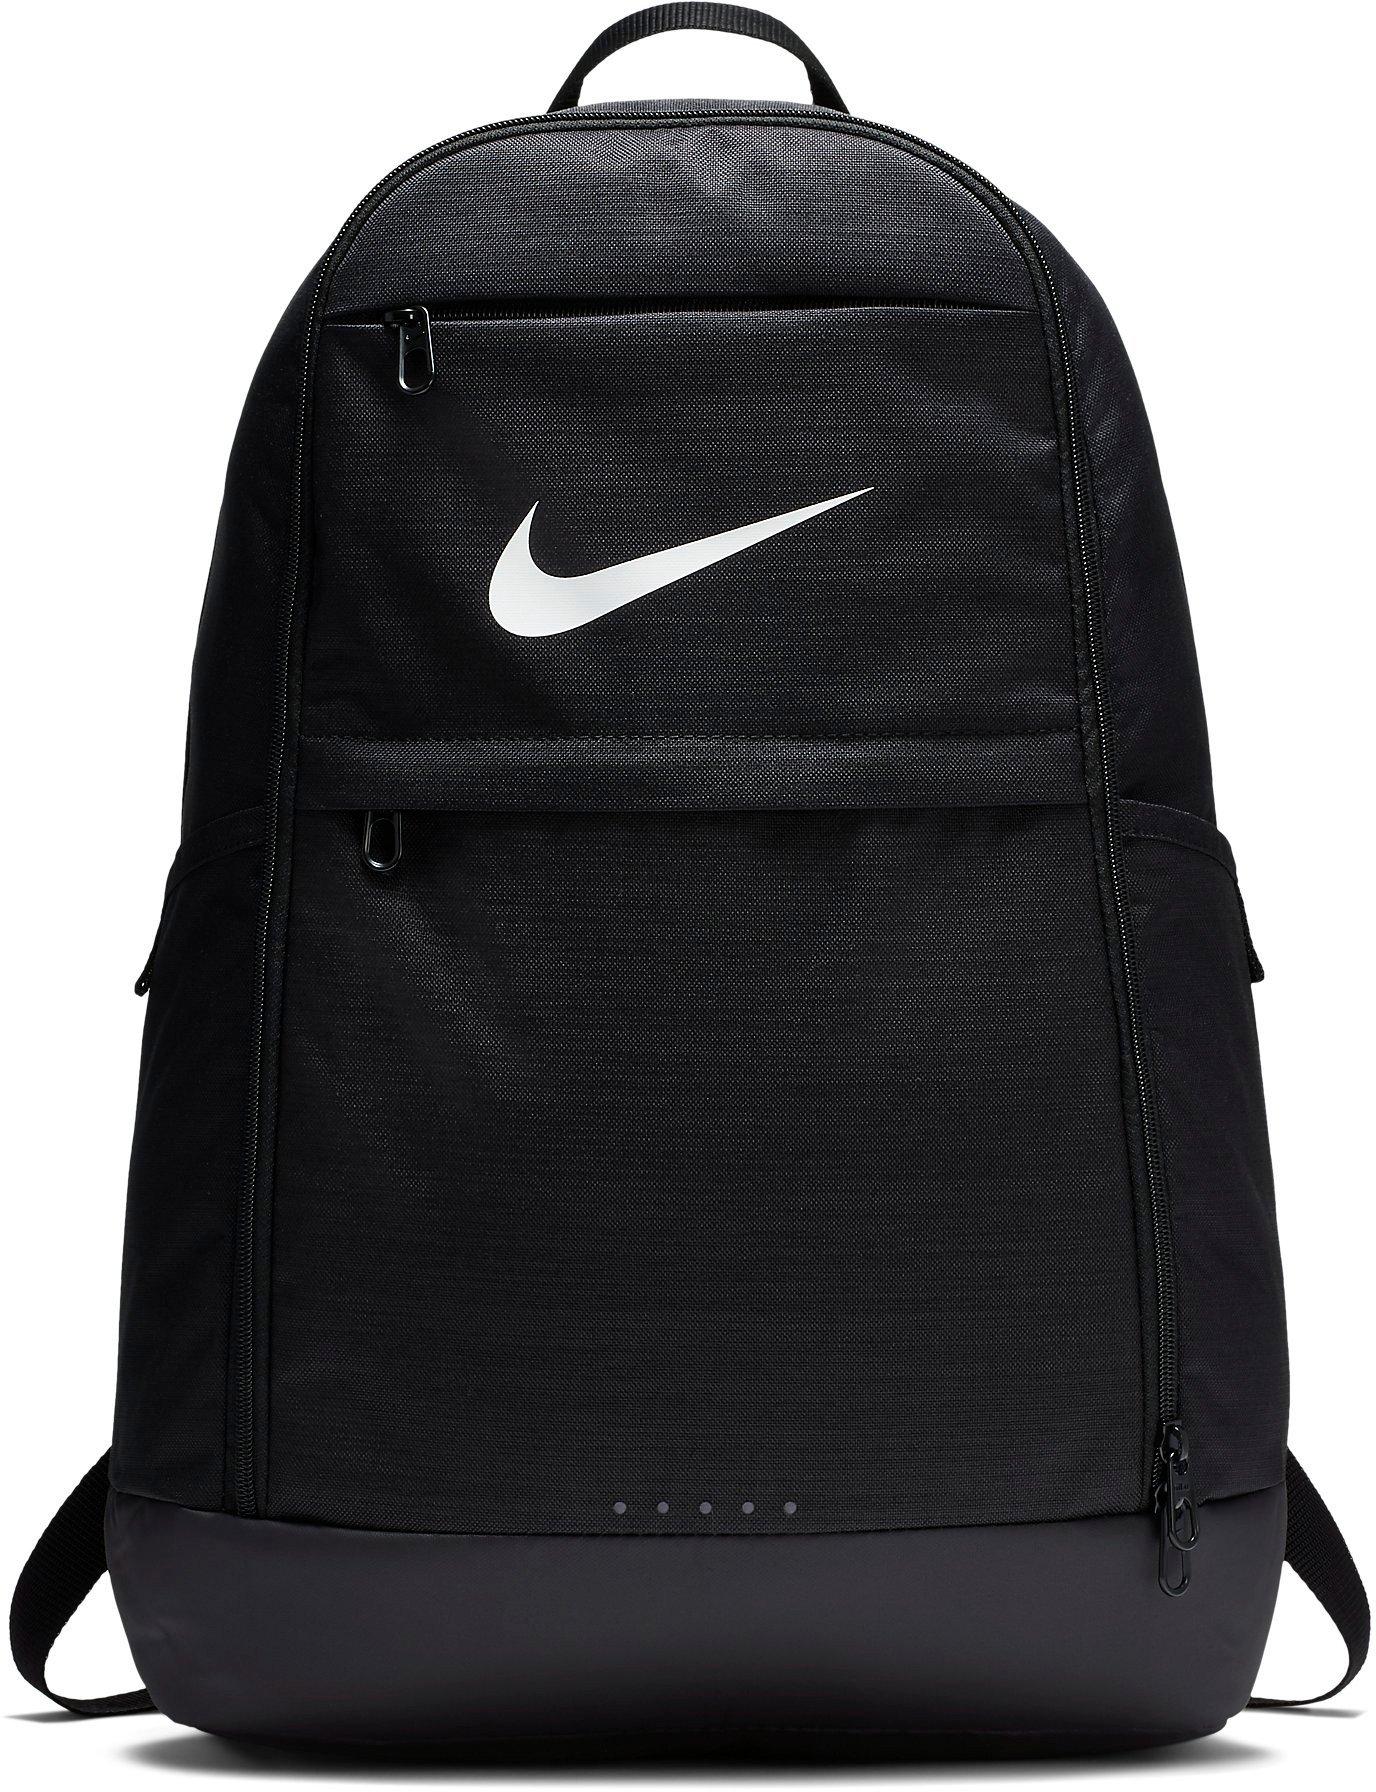 741815723d Batoh Nike NK BRSLA XL BKPK - NA ba5892-010 - Glami.sk